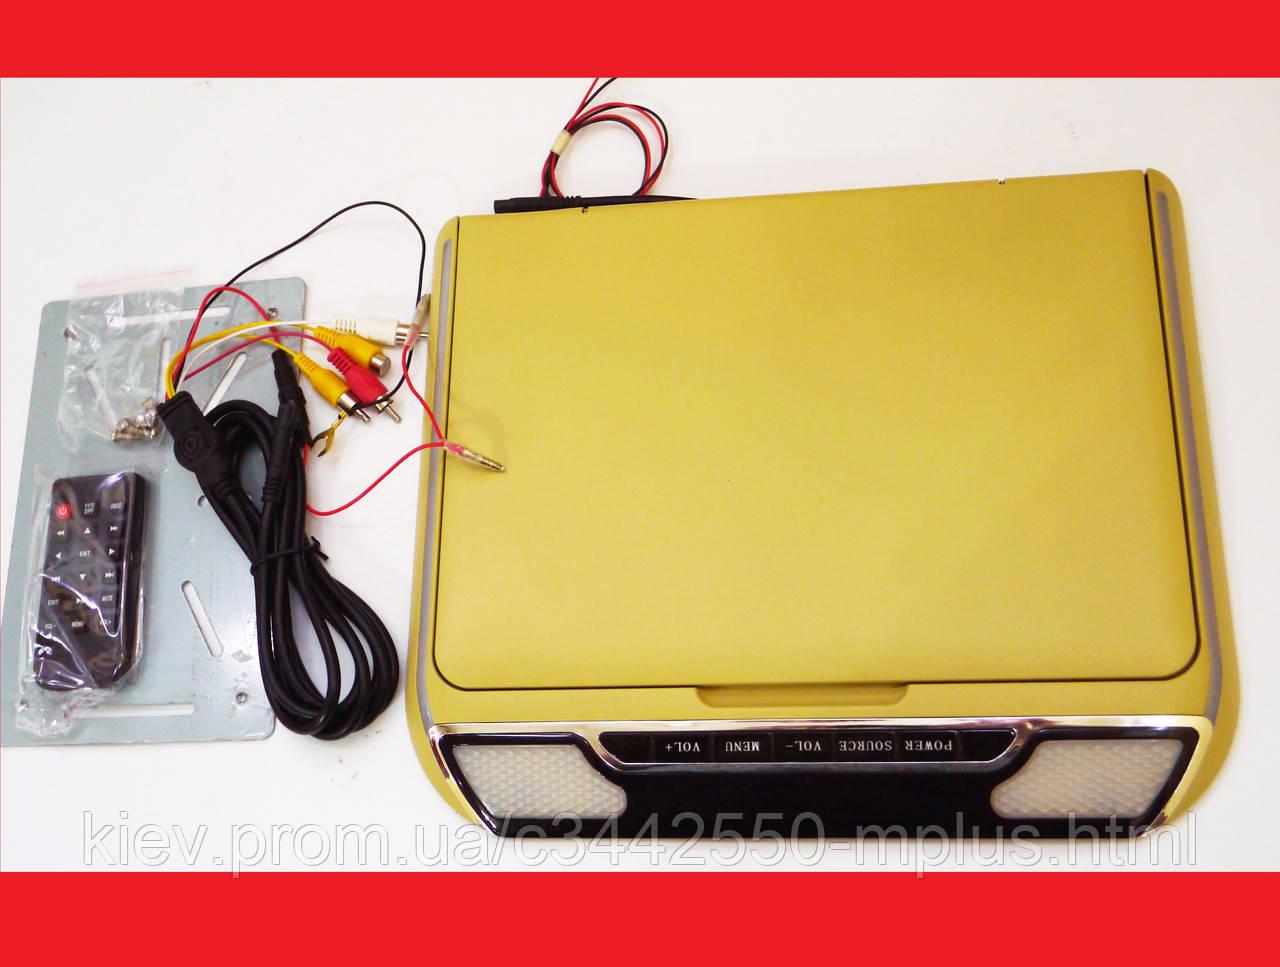 """Монитор потолочный AL-1139HDMI 11""""  USB+SD+HDMI Тонкий корпус 12V"""